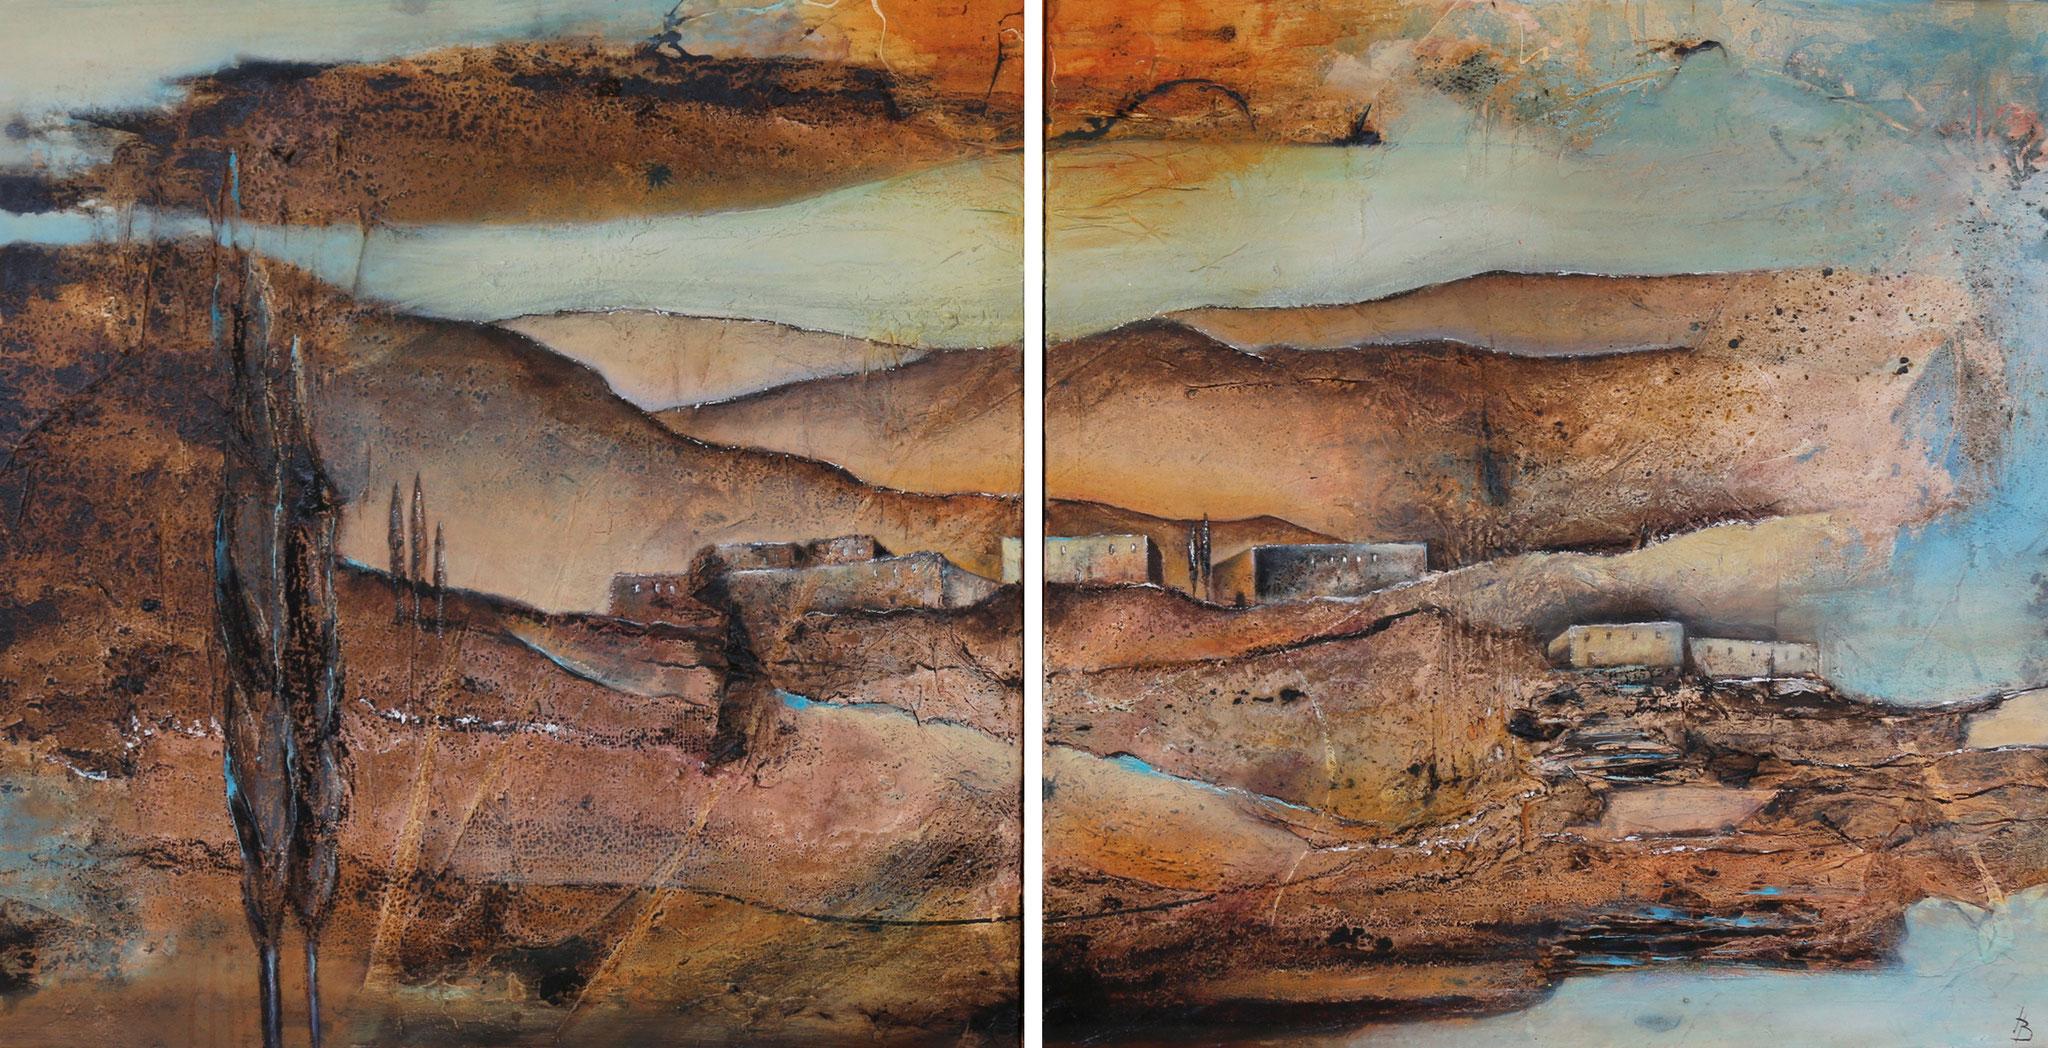 Traumland I, Mischtechnik, 80 x 160 cm, 2-teilig